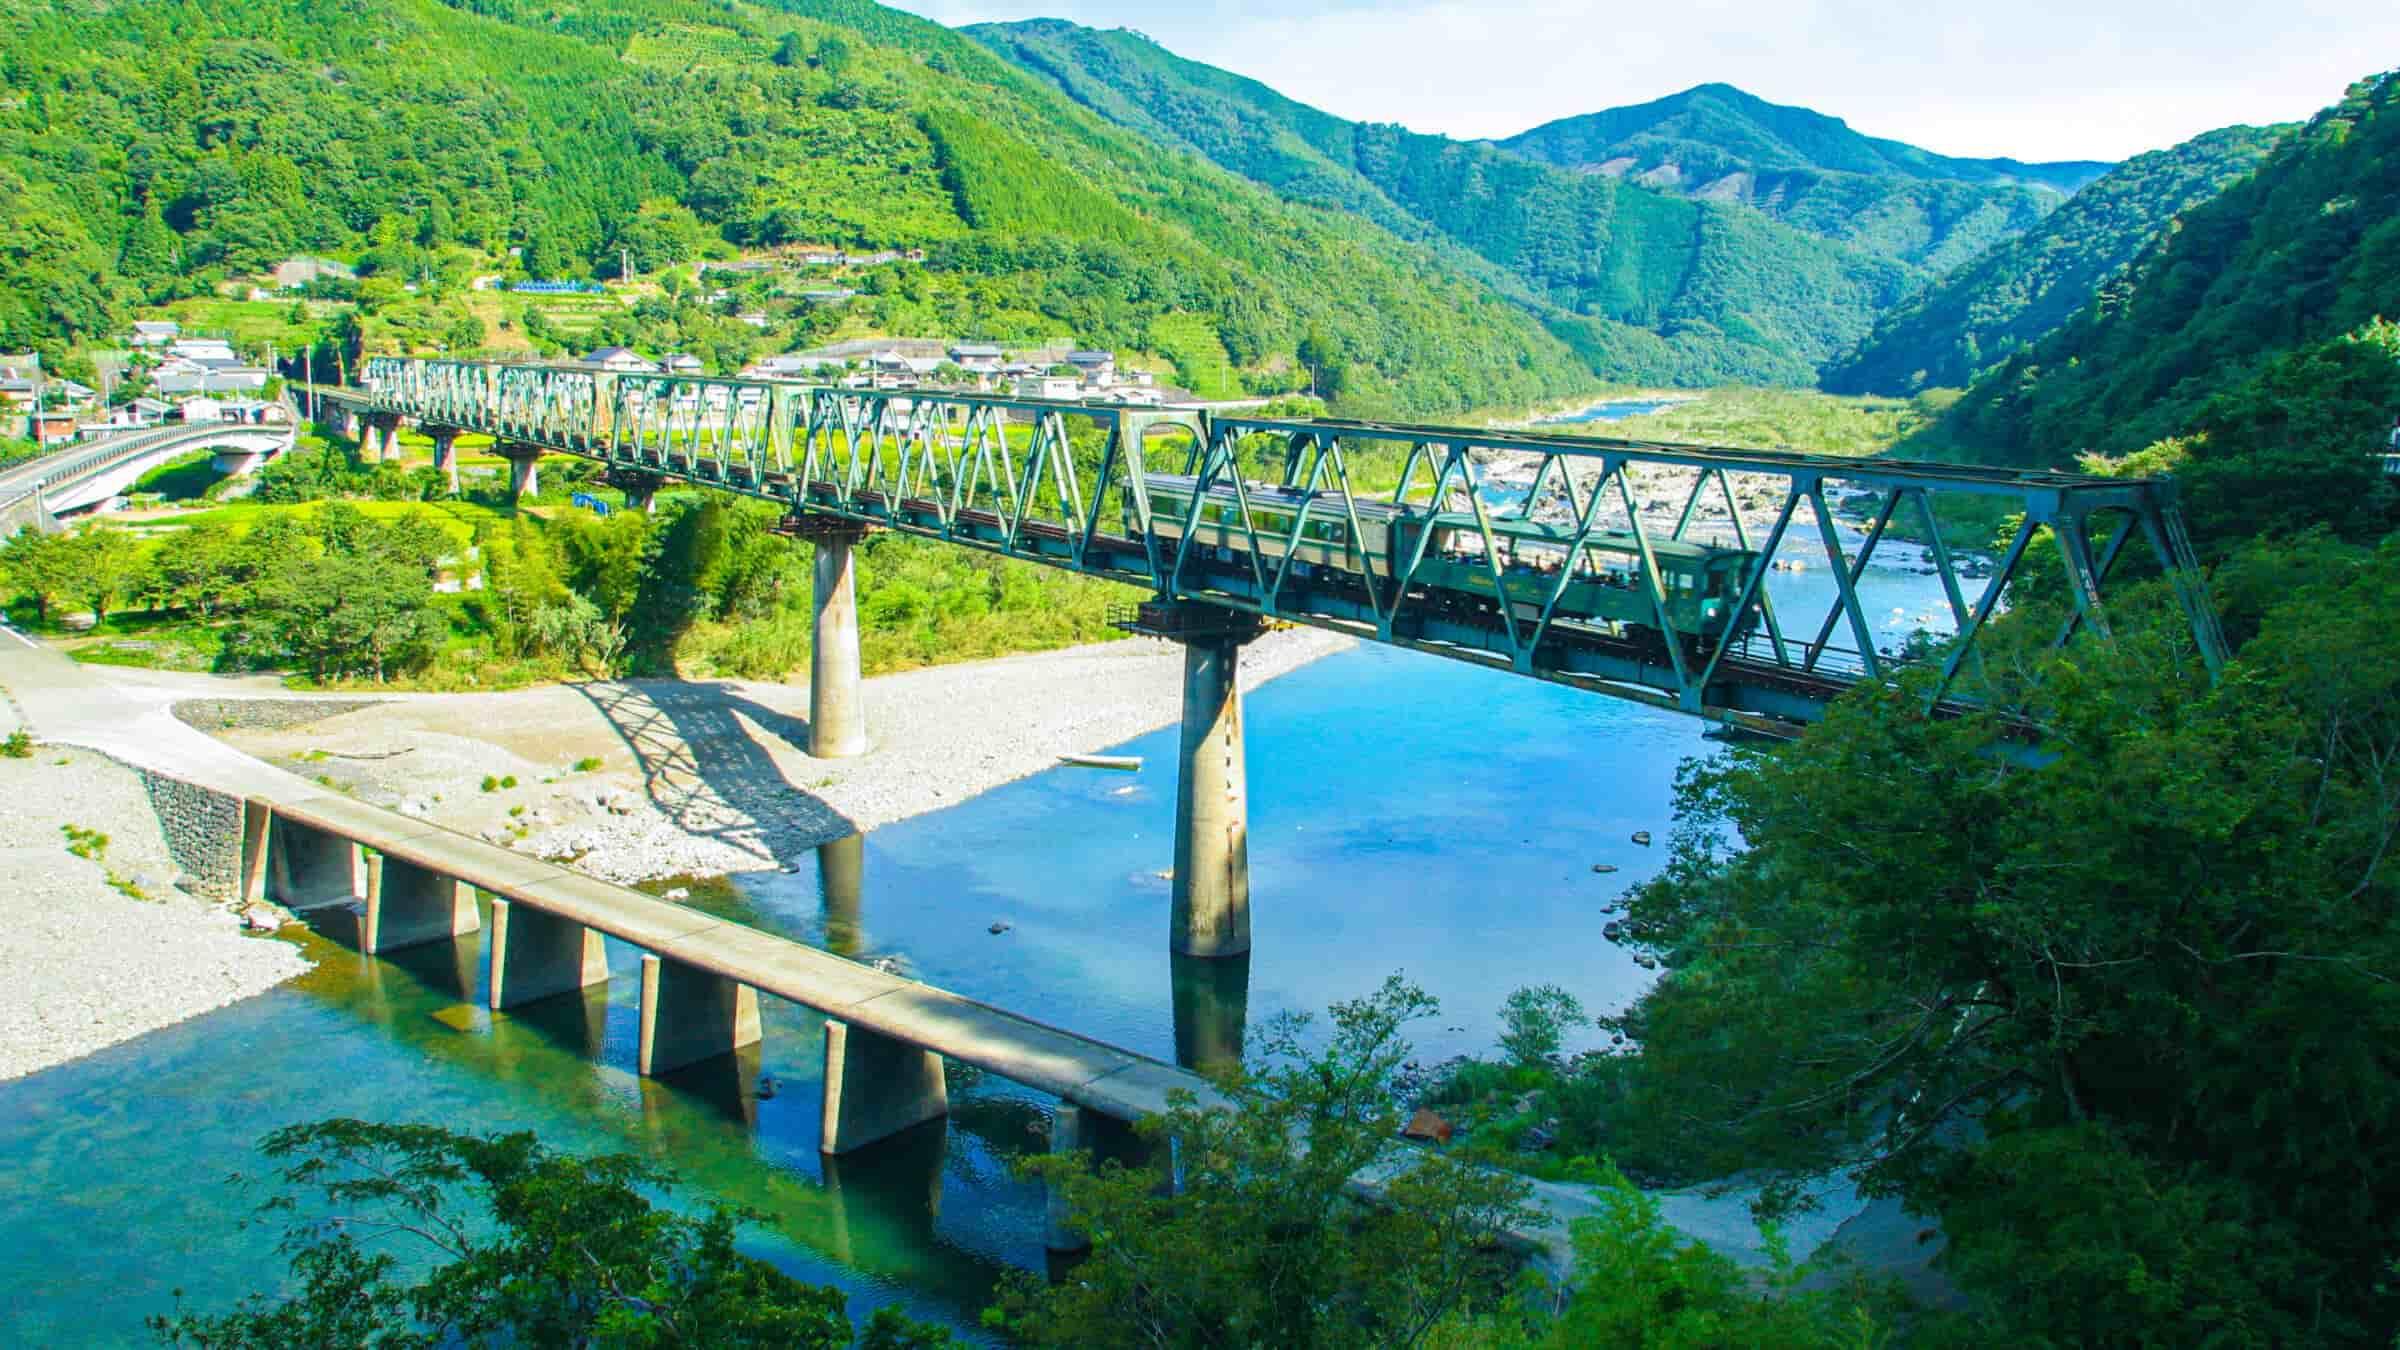 鉄道橋と並んで架かる希少な沈下橋[第一三島沈下橋]